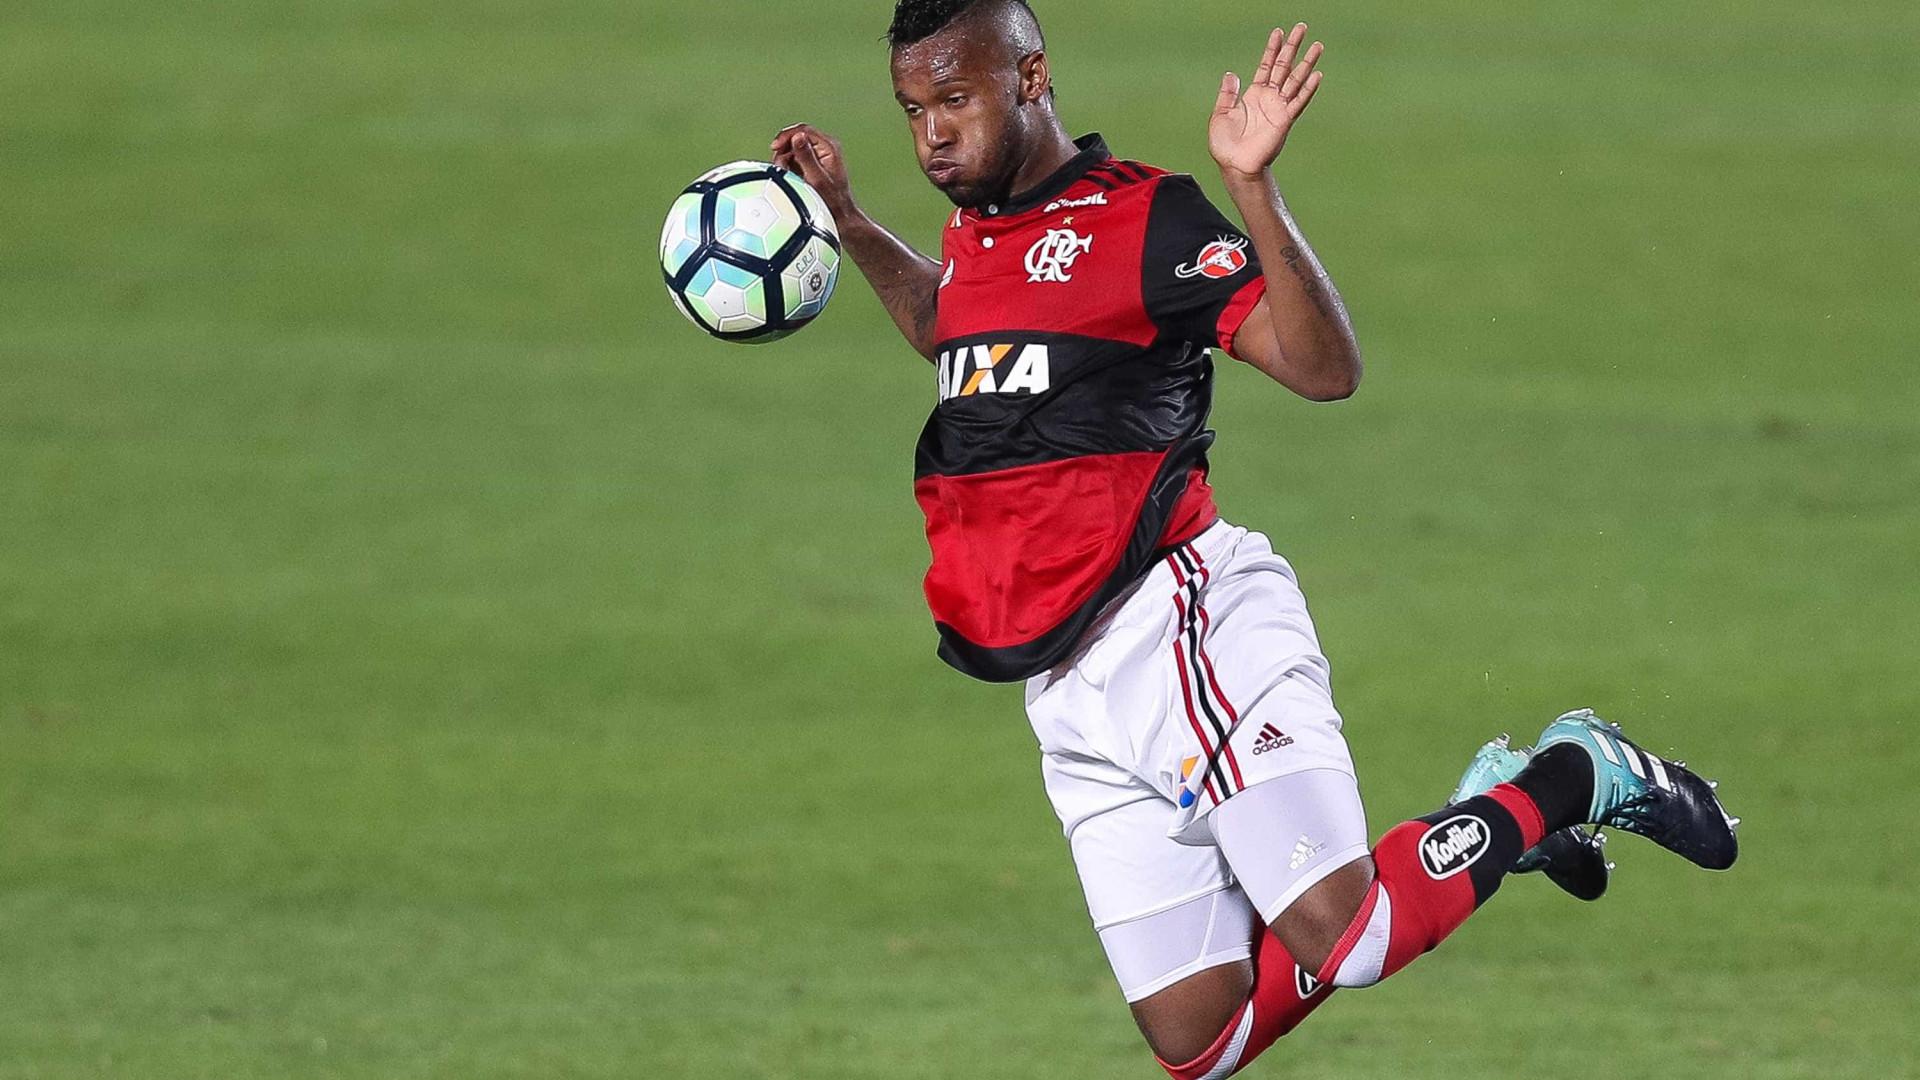 Goiás anuncia contratação de jogador ex-Flamengo